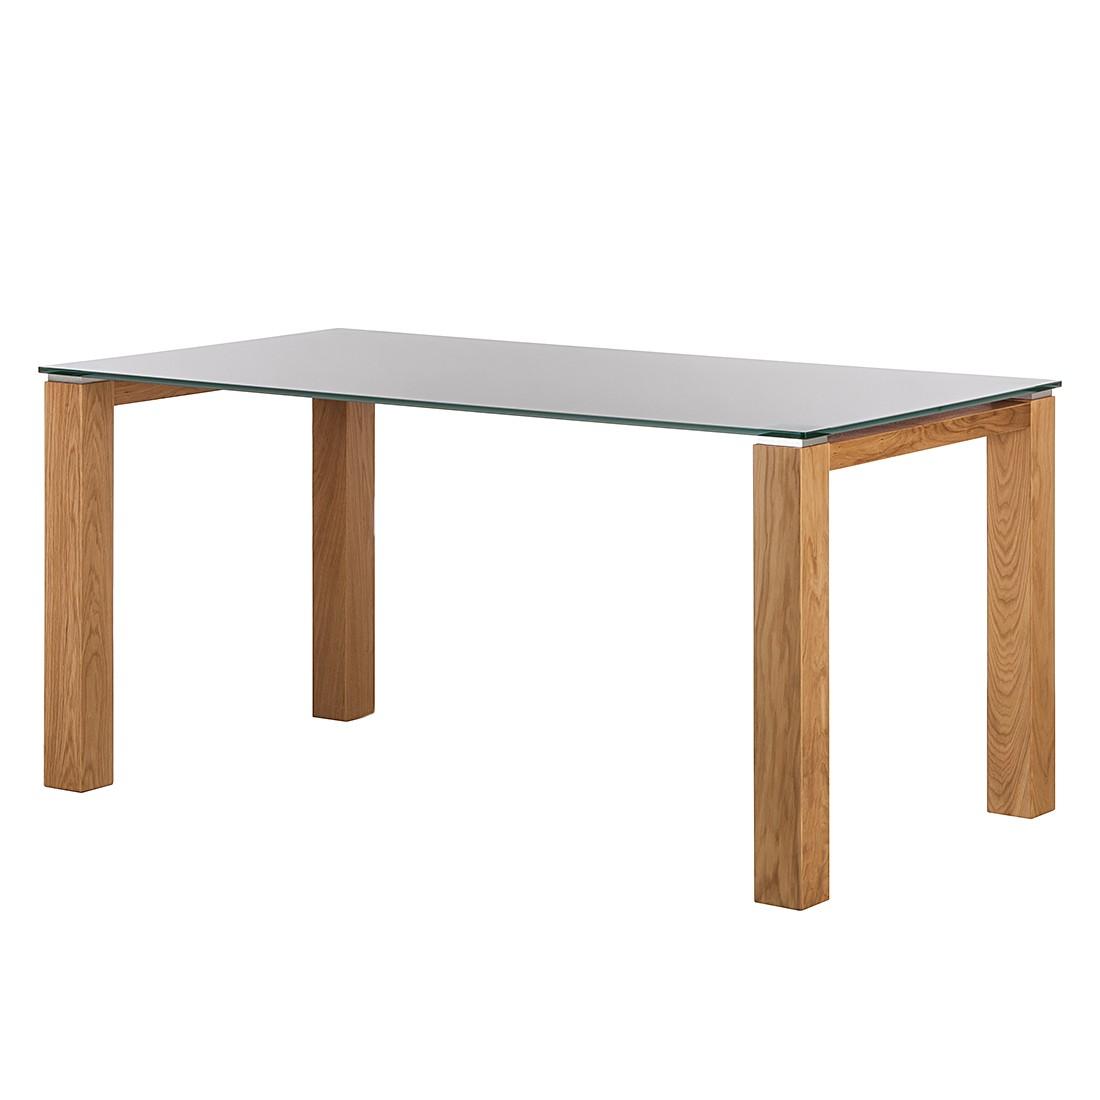 Glastisch Palma – Weiß lackiertes Glas/Wildeiche furniert – 200 x 100 cm, Niehoff günstig